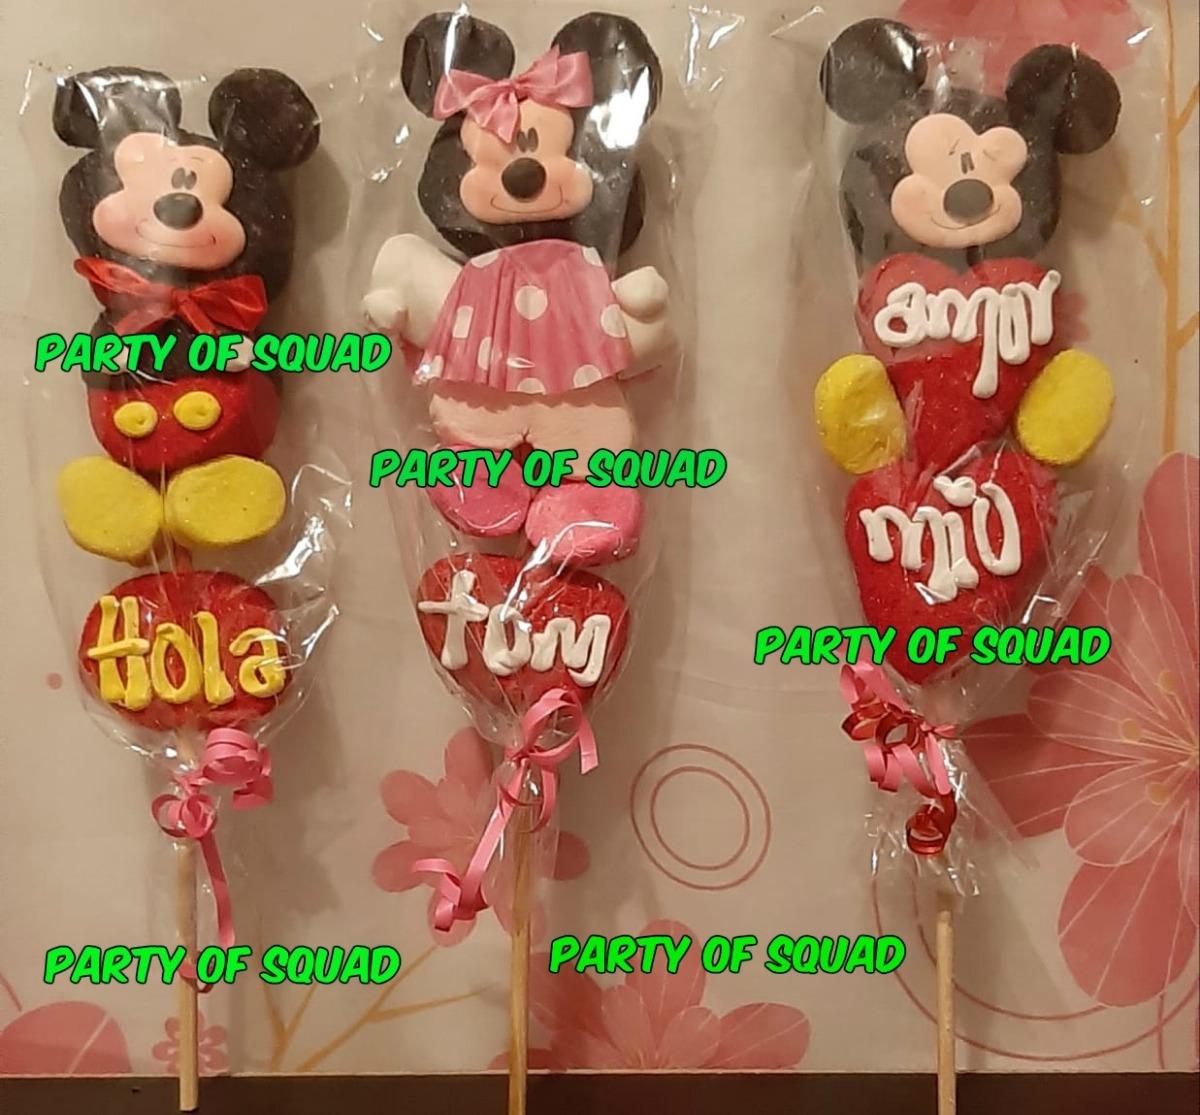 14 De Febrero Regalo 3 Paletas De Bombon Mickey Y Mimi